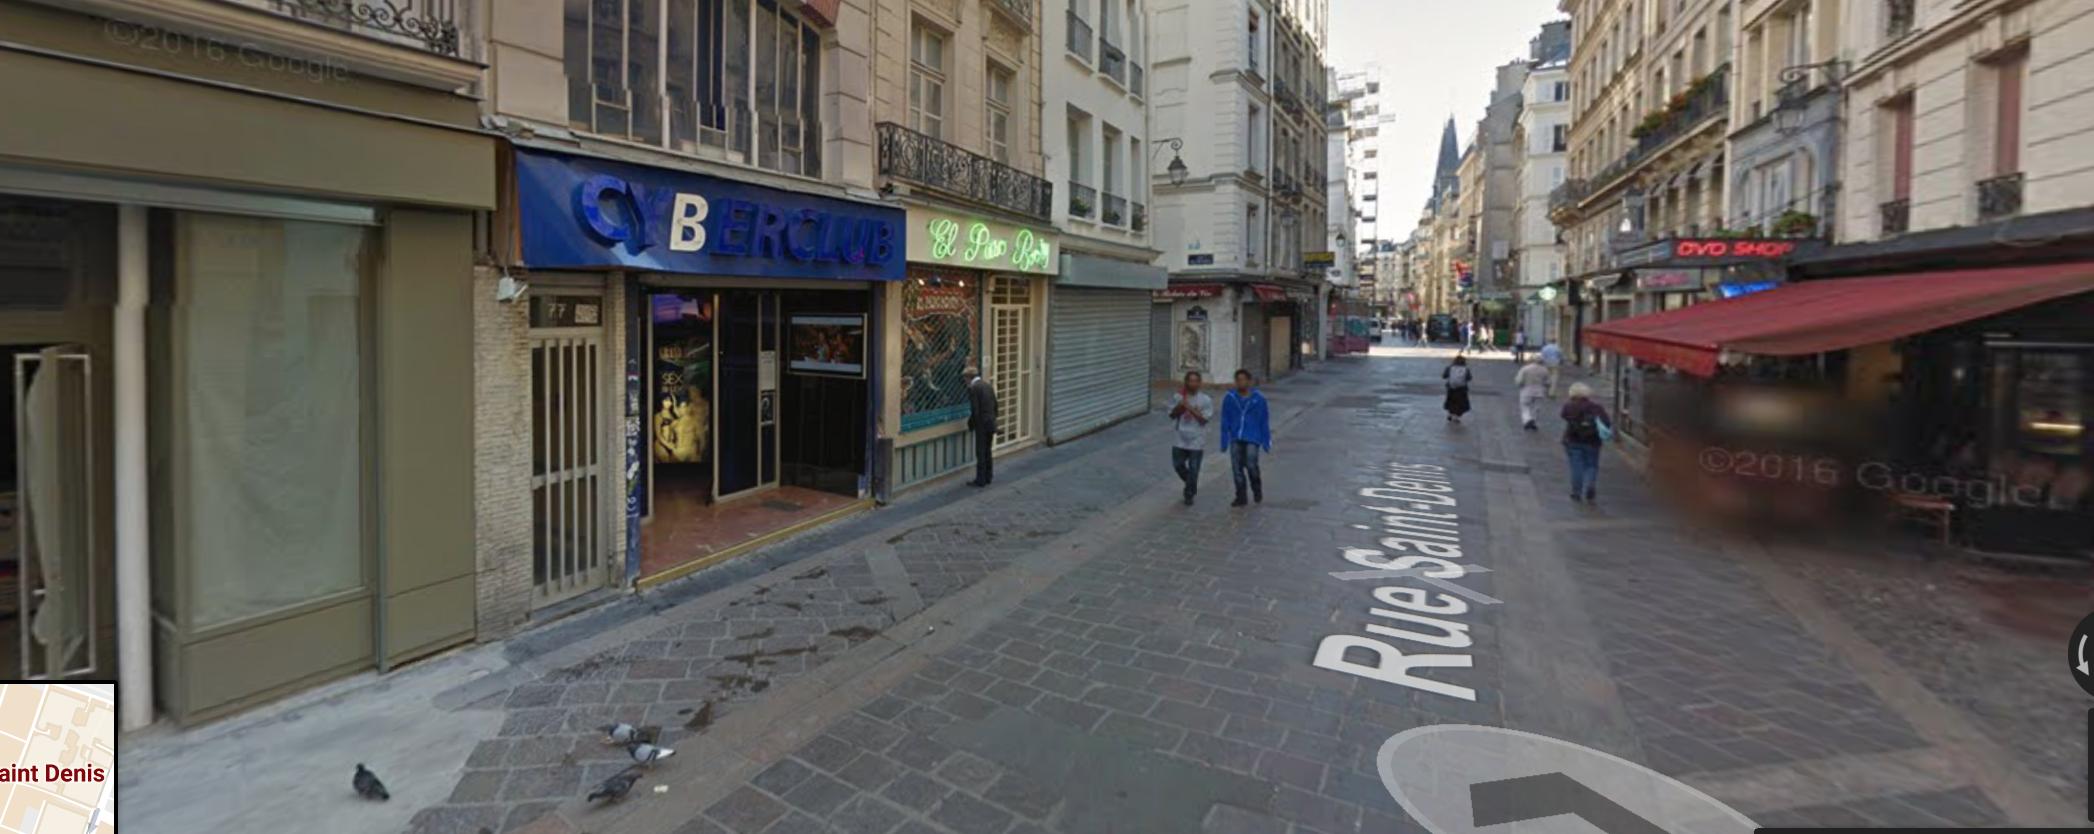 A Paris, la justice ferme un cinéma porno qui abritait des prostitués masculins